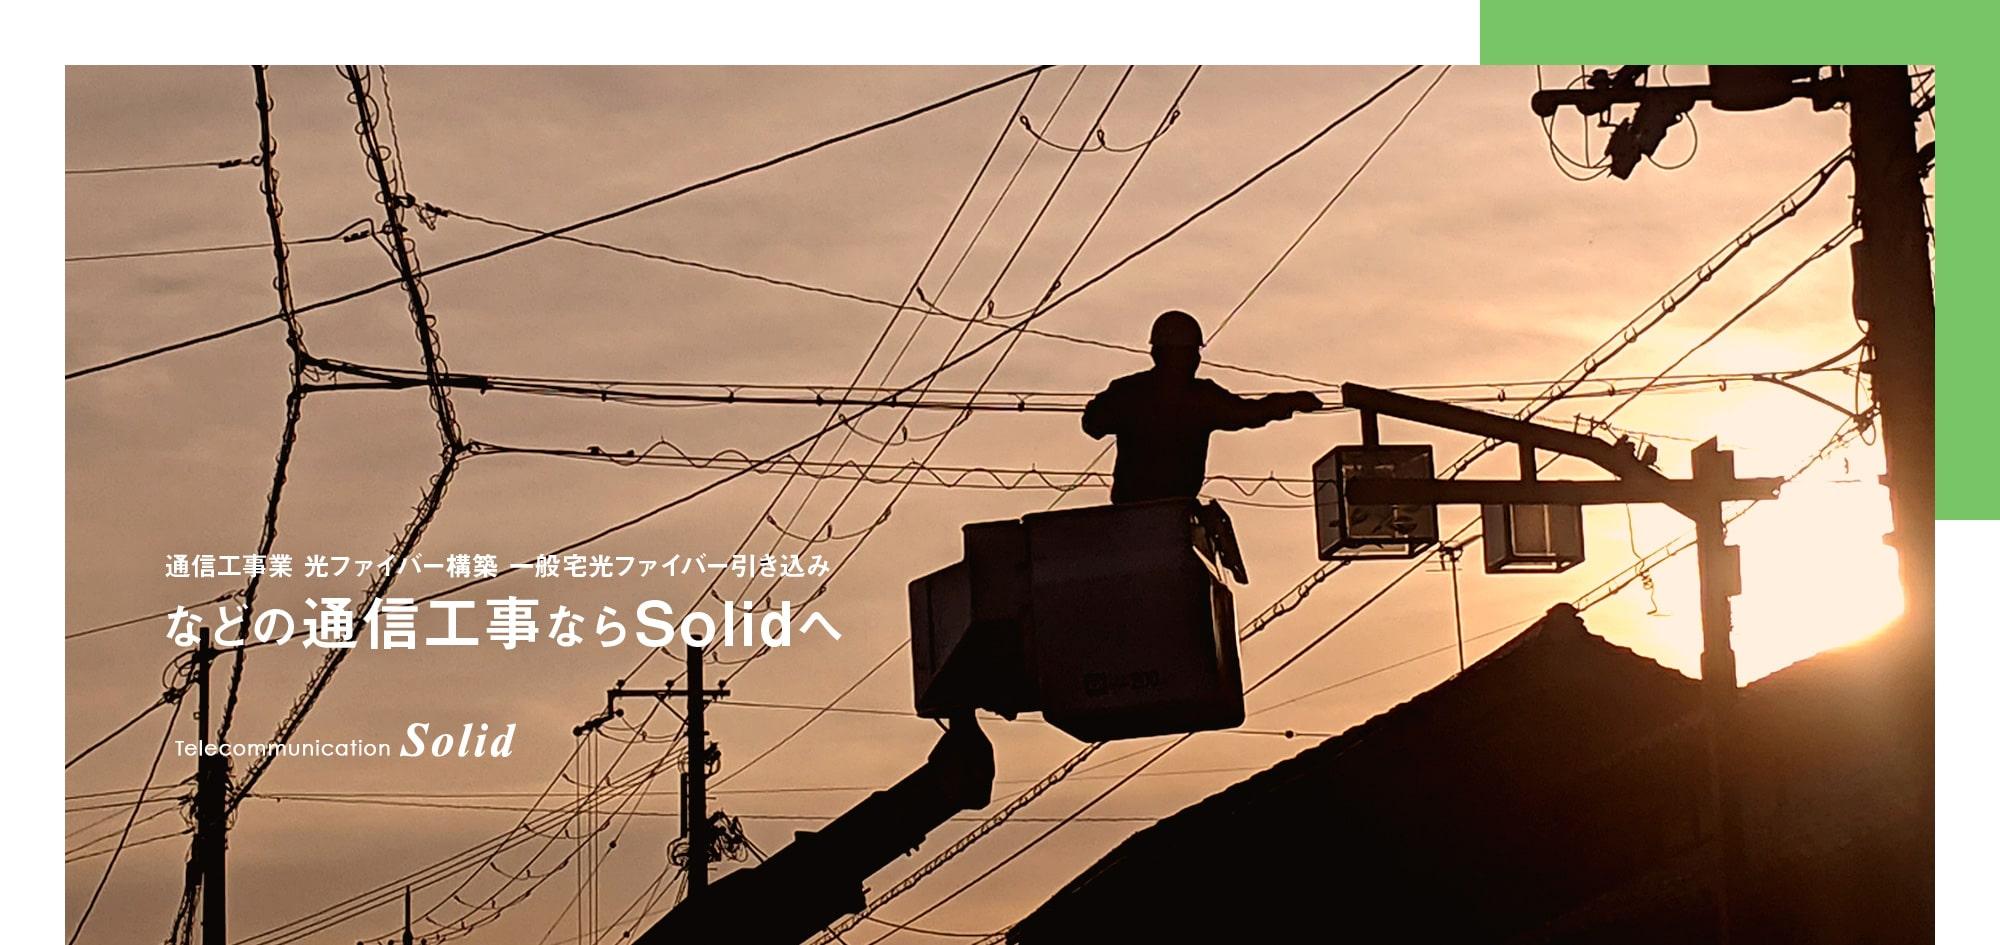 通信工事業 光ファイバー構築 一般宅光ファイバー引き込みなどの通信工事ならSolidへ